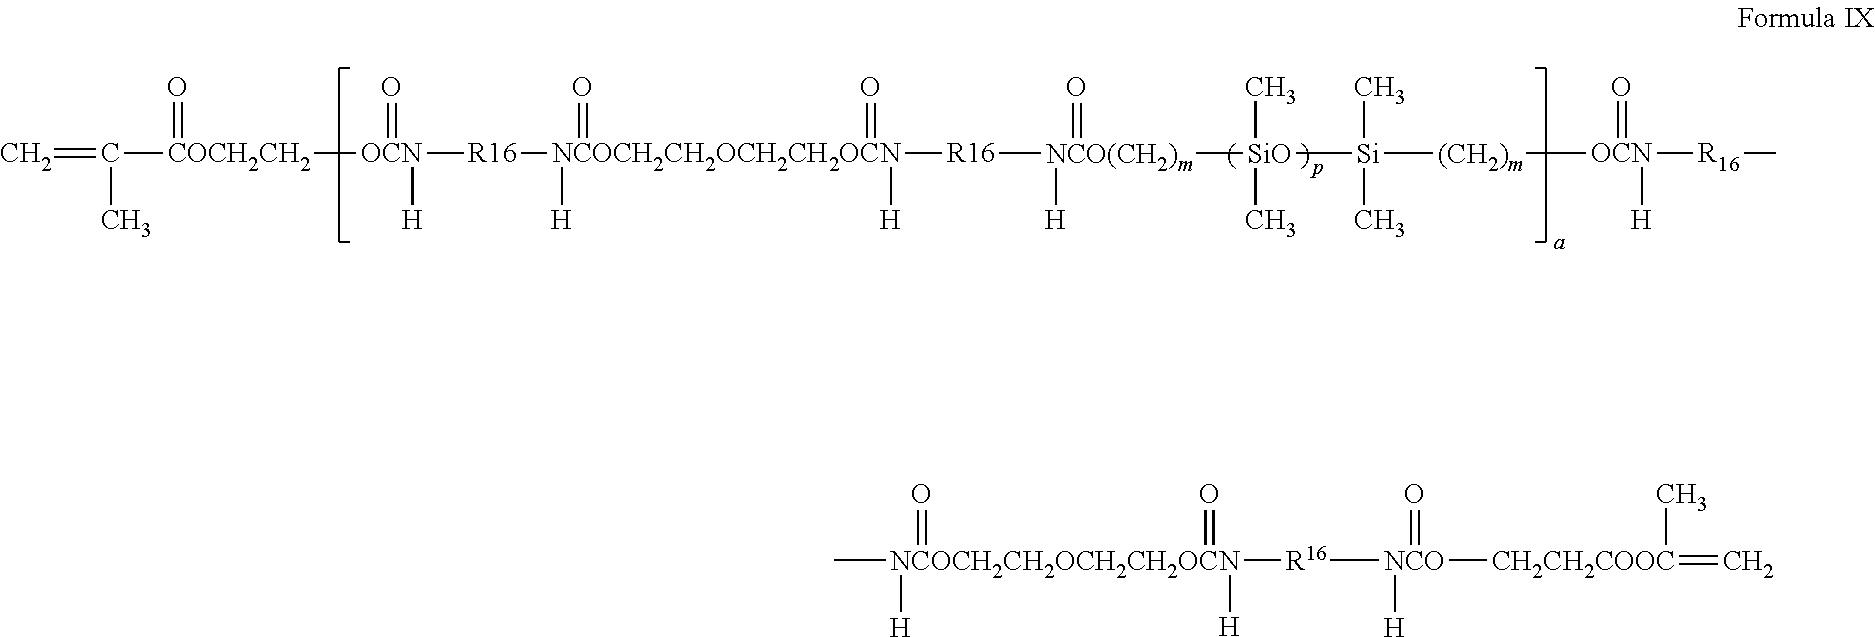 Figure US09581833-20170228-C00006